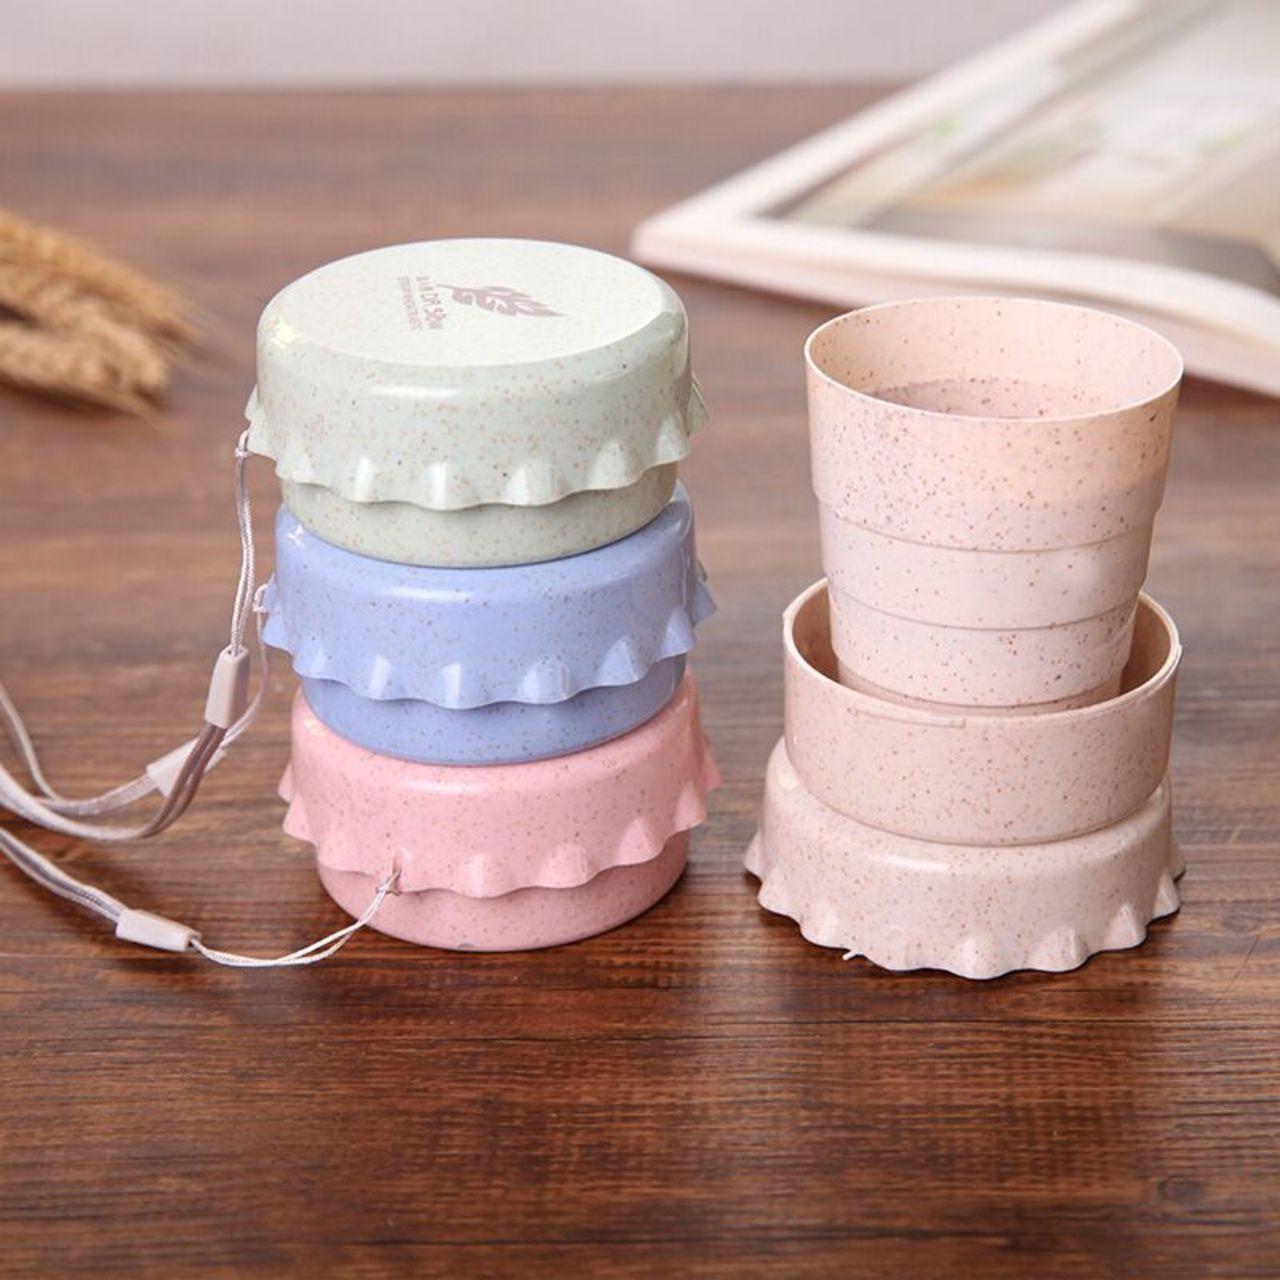 ¿Qué significa 'libre de BPA'?